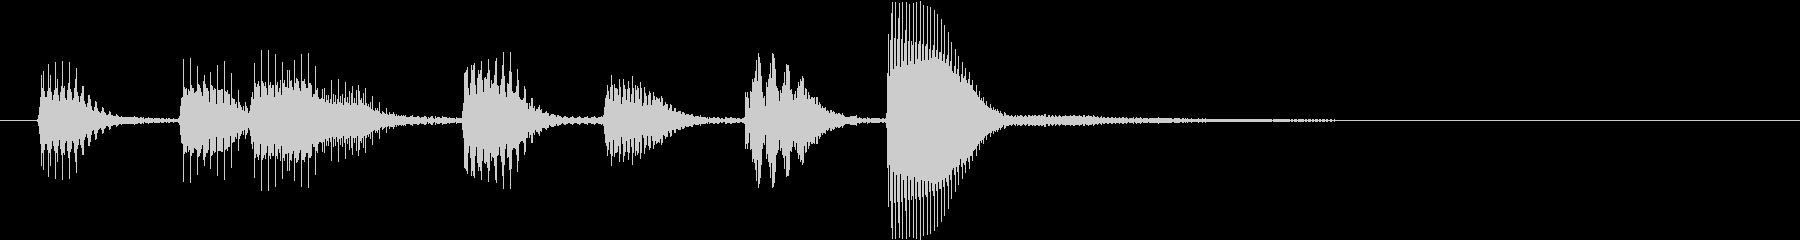 【ゲーム】レベルアップ〜ファミコン風〜の未再生の波形